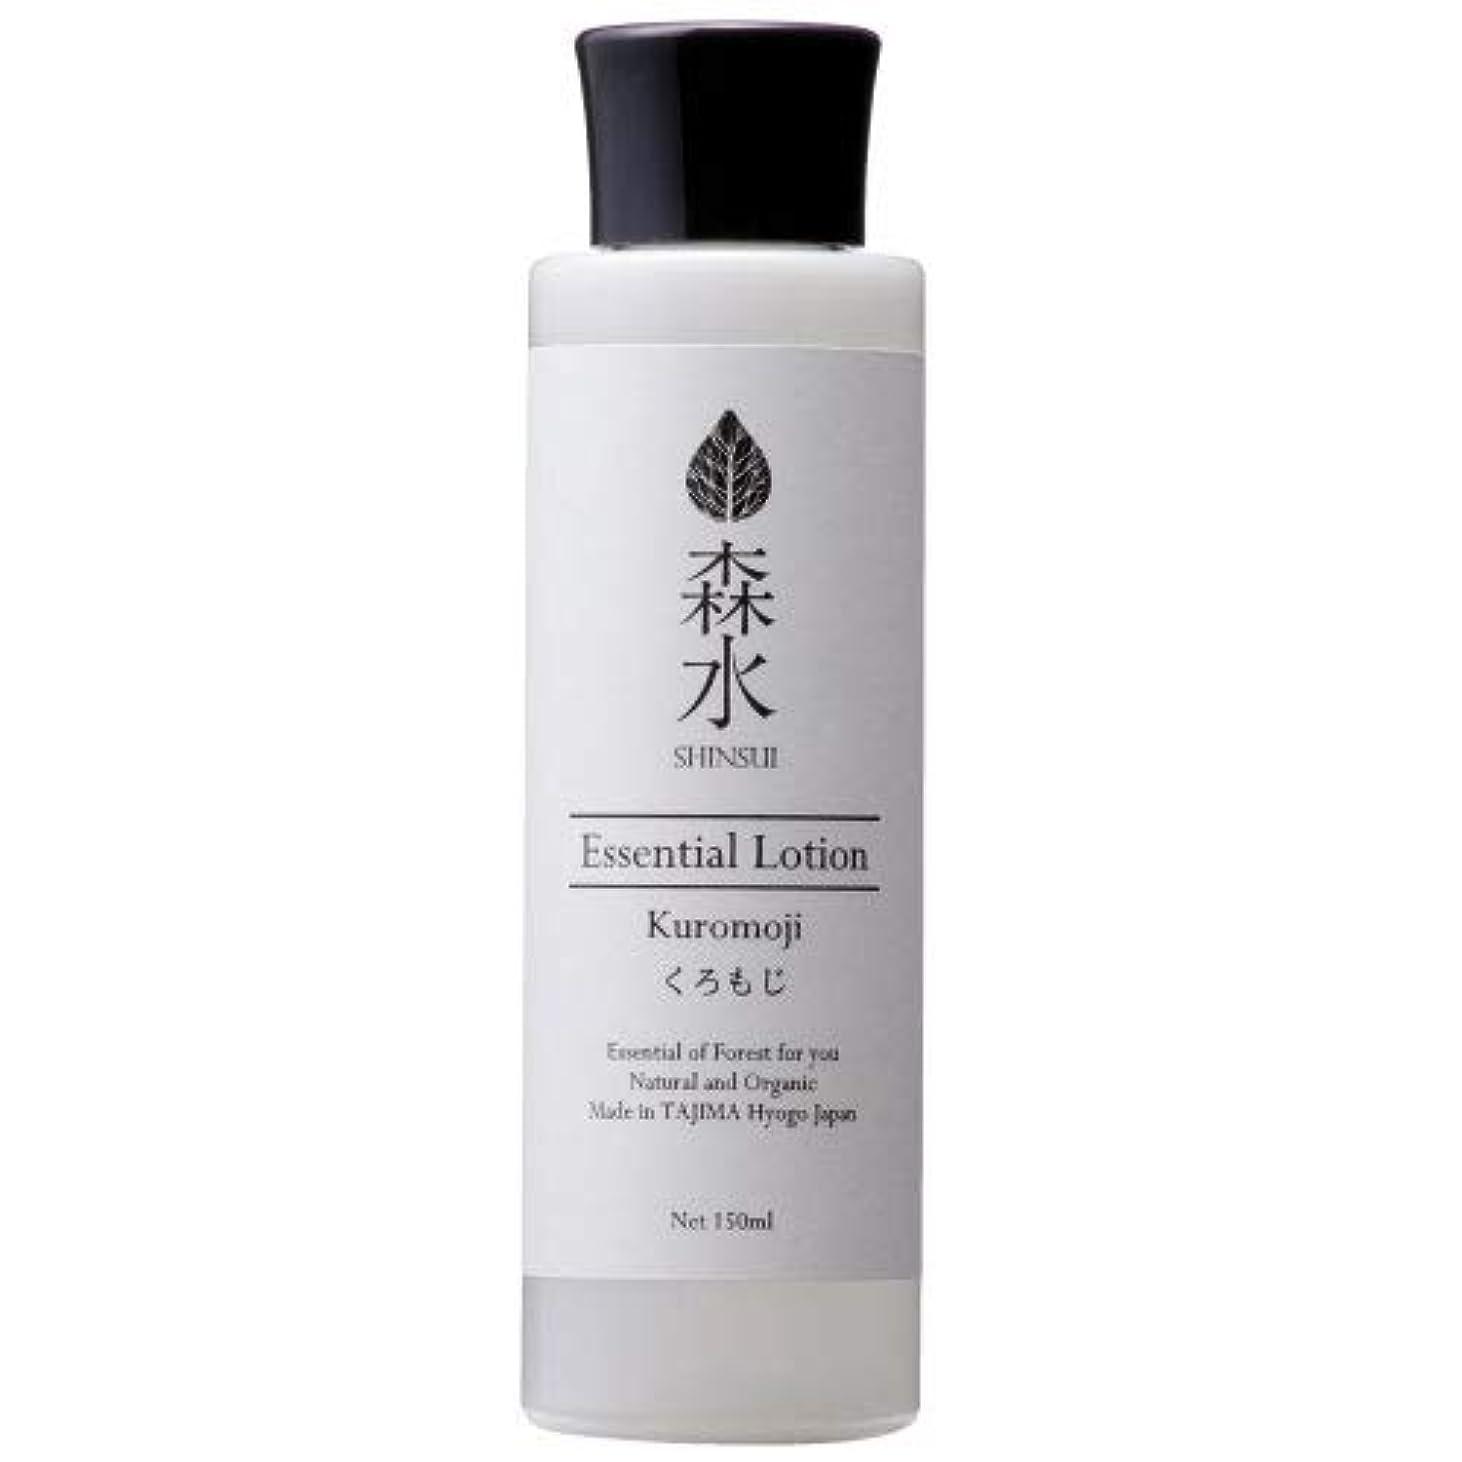 印刷する一方、かかわらず森水-SHINSUI シンスイ-くろもじ化粧水(Kuromoji Essential Lotion)150ml